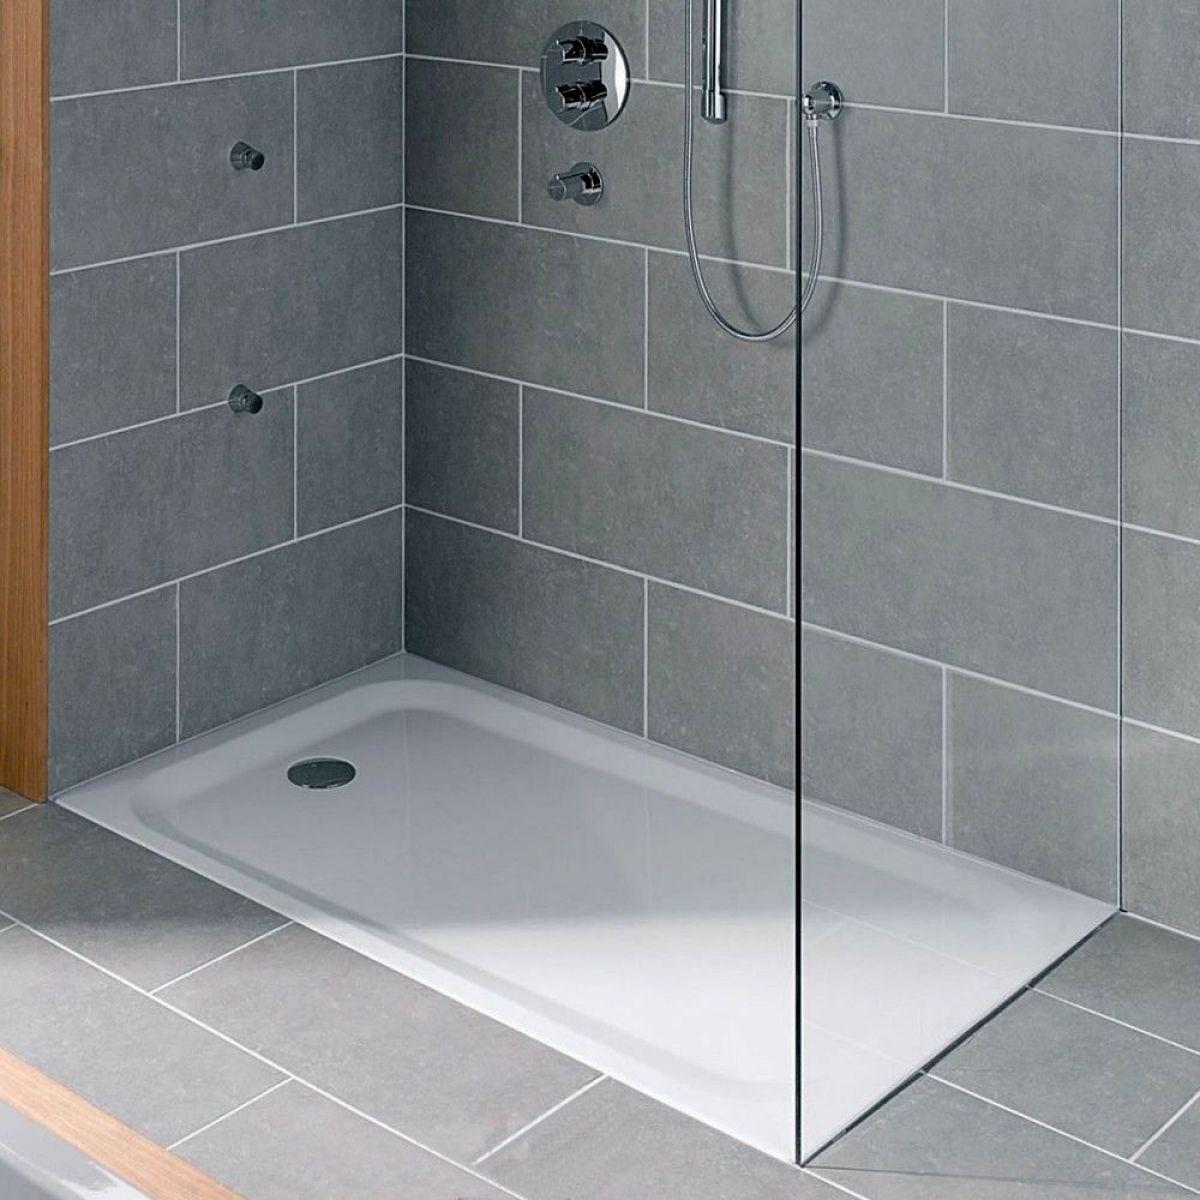 bette ultra 25mm rectangular steel shower tray uk bathrooms. Black Bedroom Furniture Sets. Home Design Ideas